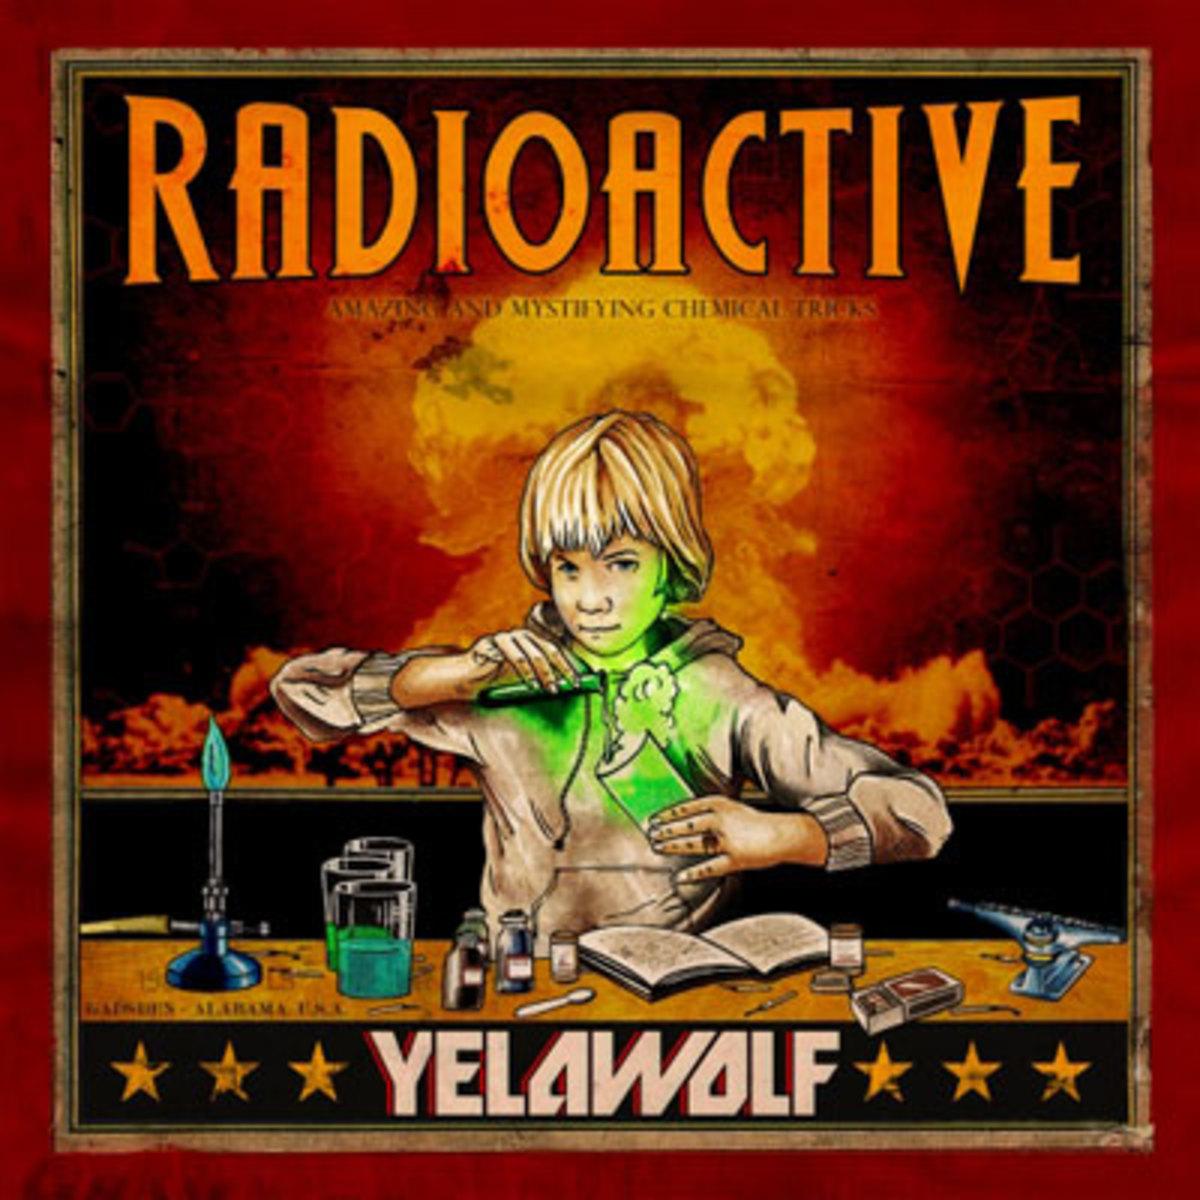 yelawolf-radioactive.jpg